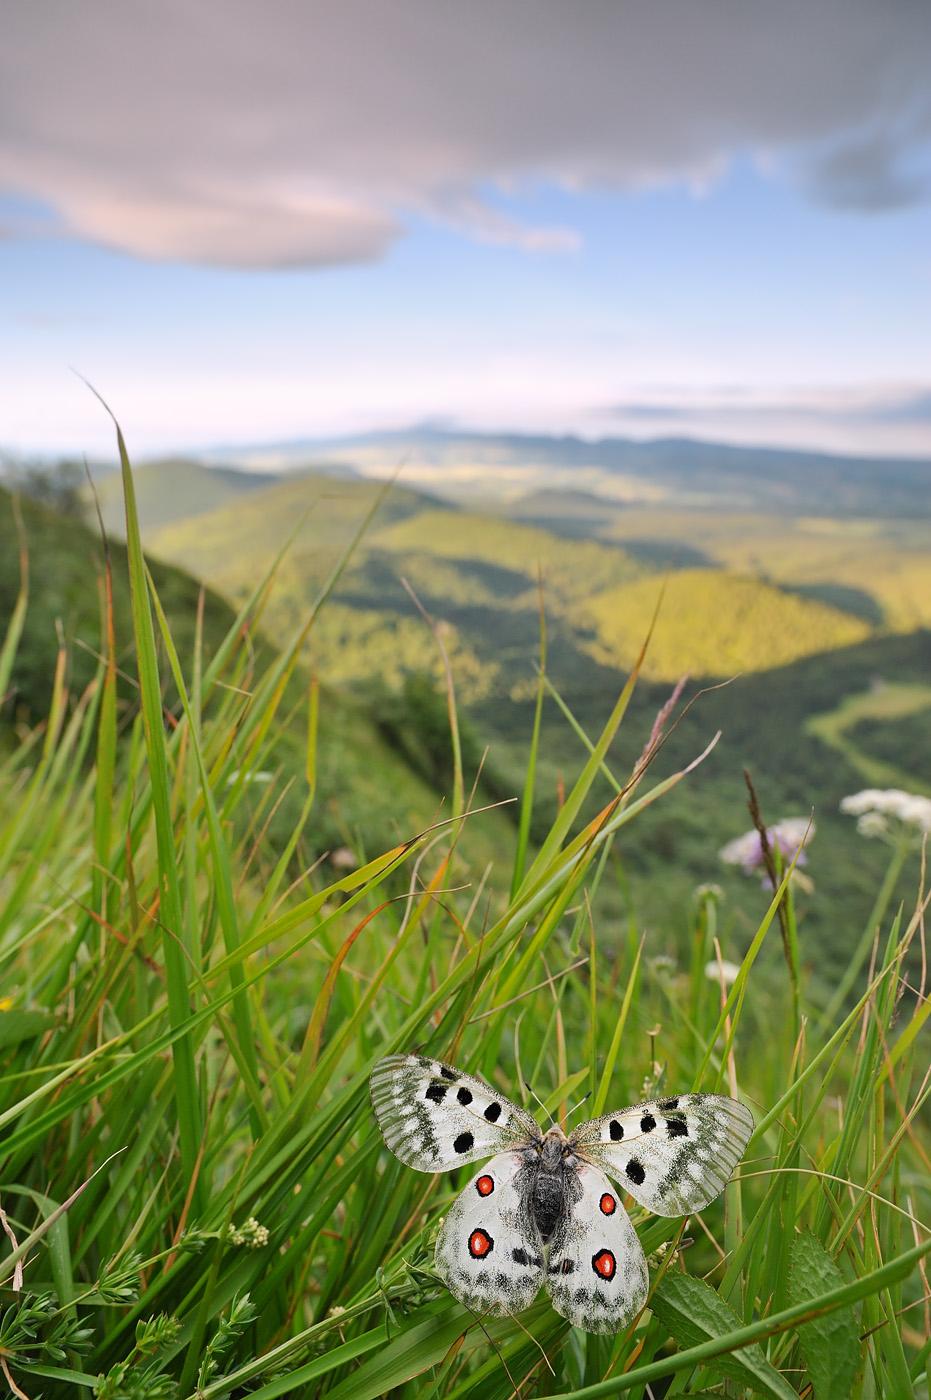 Apollon (Parnassius apollo) dans son habitat Pentes du puy de Dôme à Ceyssat (Puy-de-Dôme) Parc naturel régional des Volcans d'Auvergne